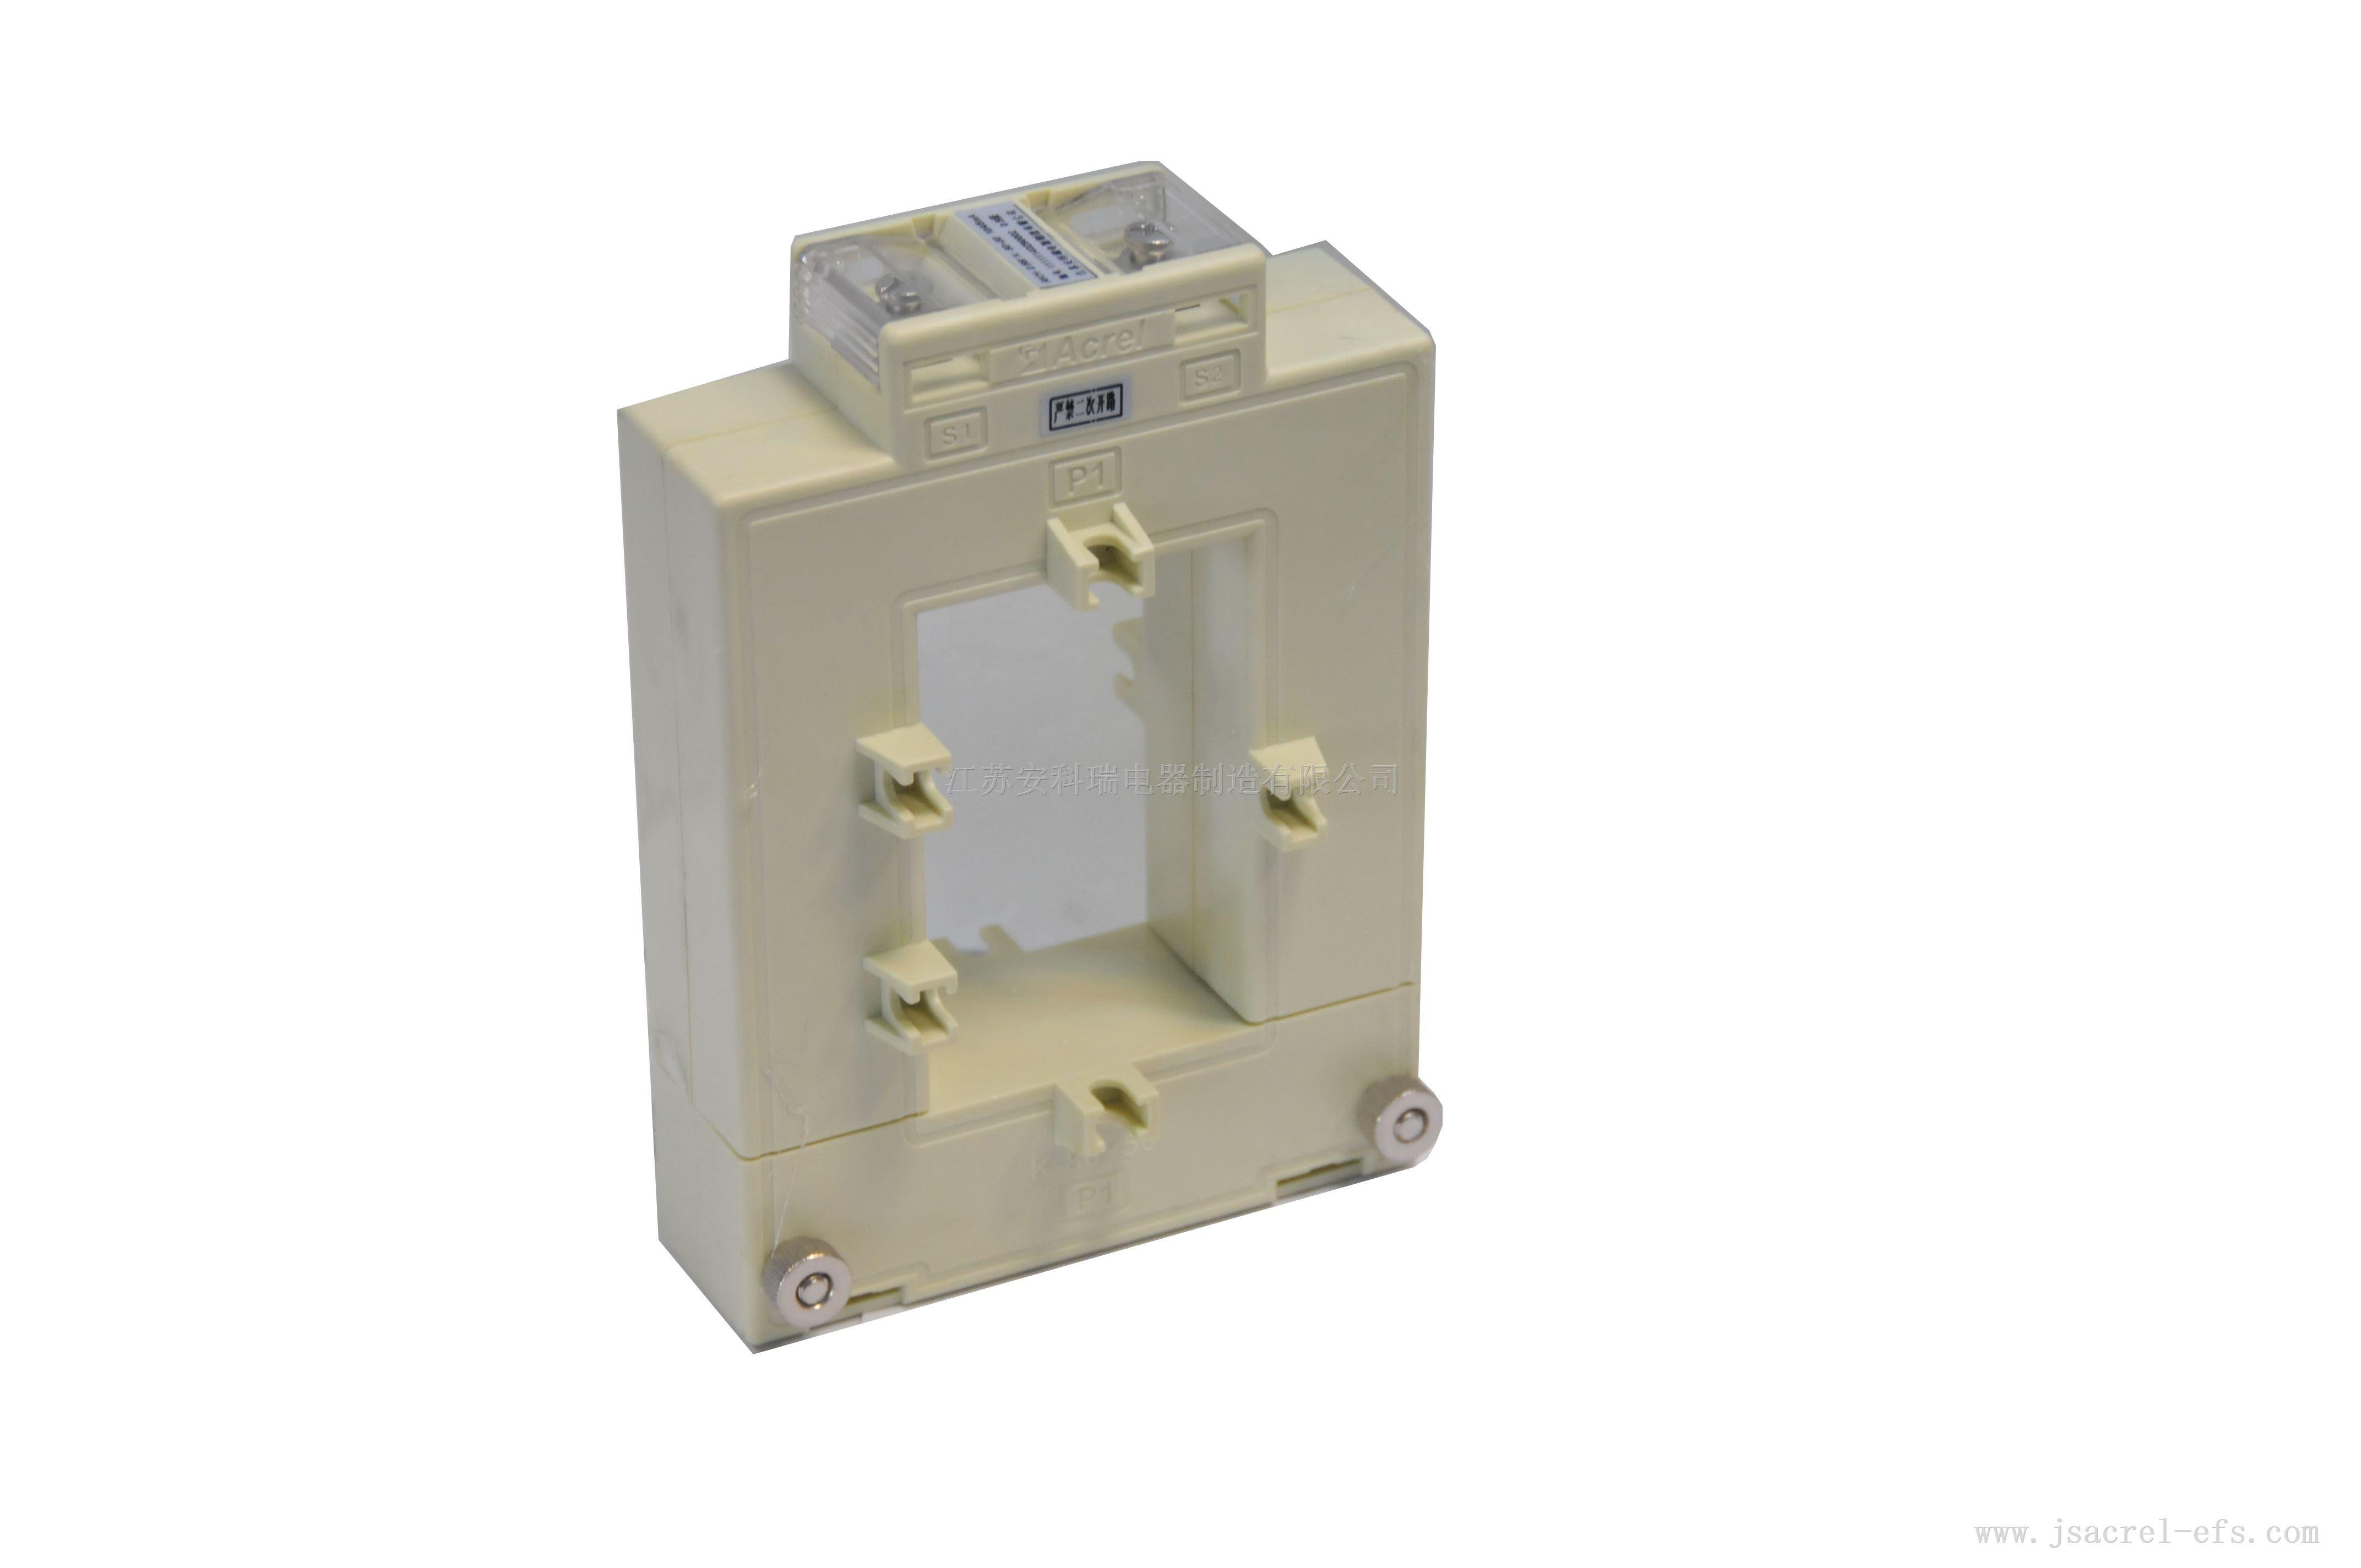 開口電流互感器AKH-0.66 K-80*50 250-1000A/5A